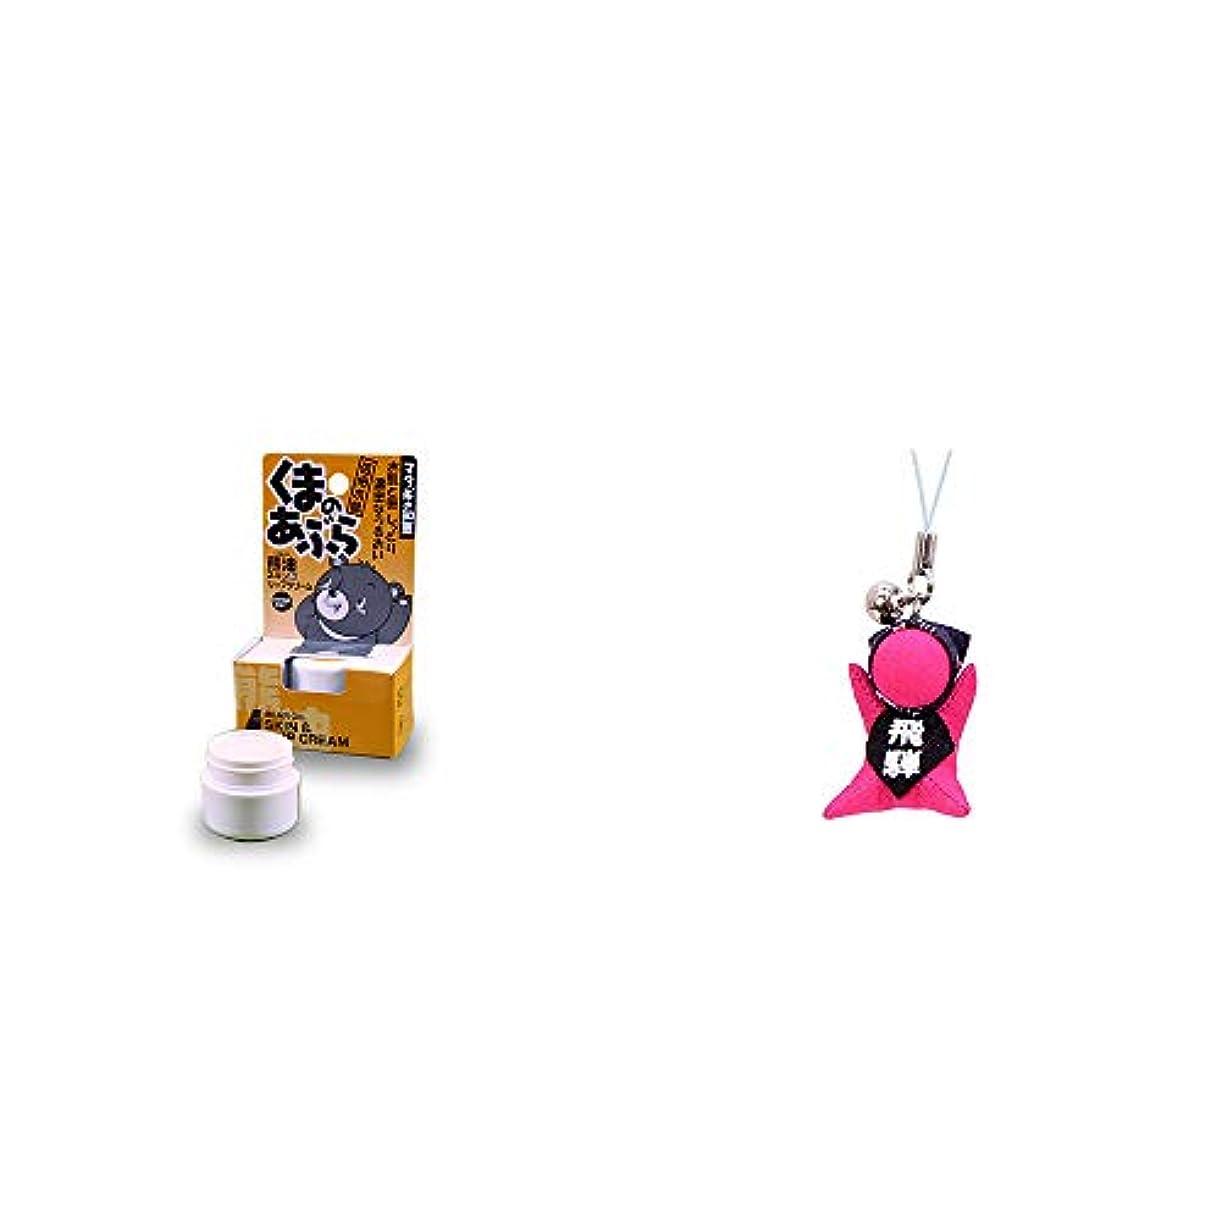 南西ディレクター[2点セット] 信州木曽 くまのあぶら 熊油スキン&リップクリーム(9g)?さるぼぼ幸福ストラップ 【ピンク】 / 風水カラー全9種類 縁結び?恋愛(出会い) お守り//